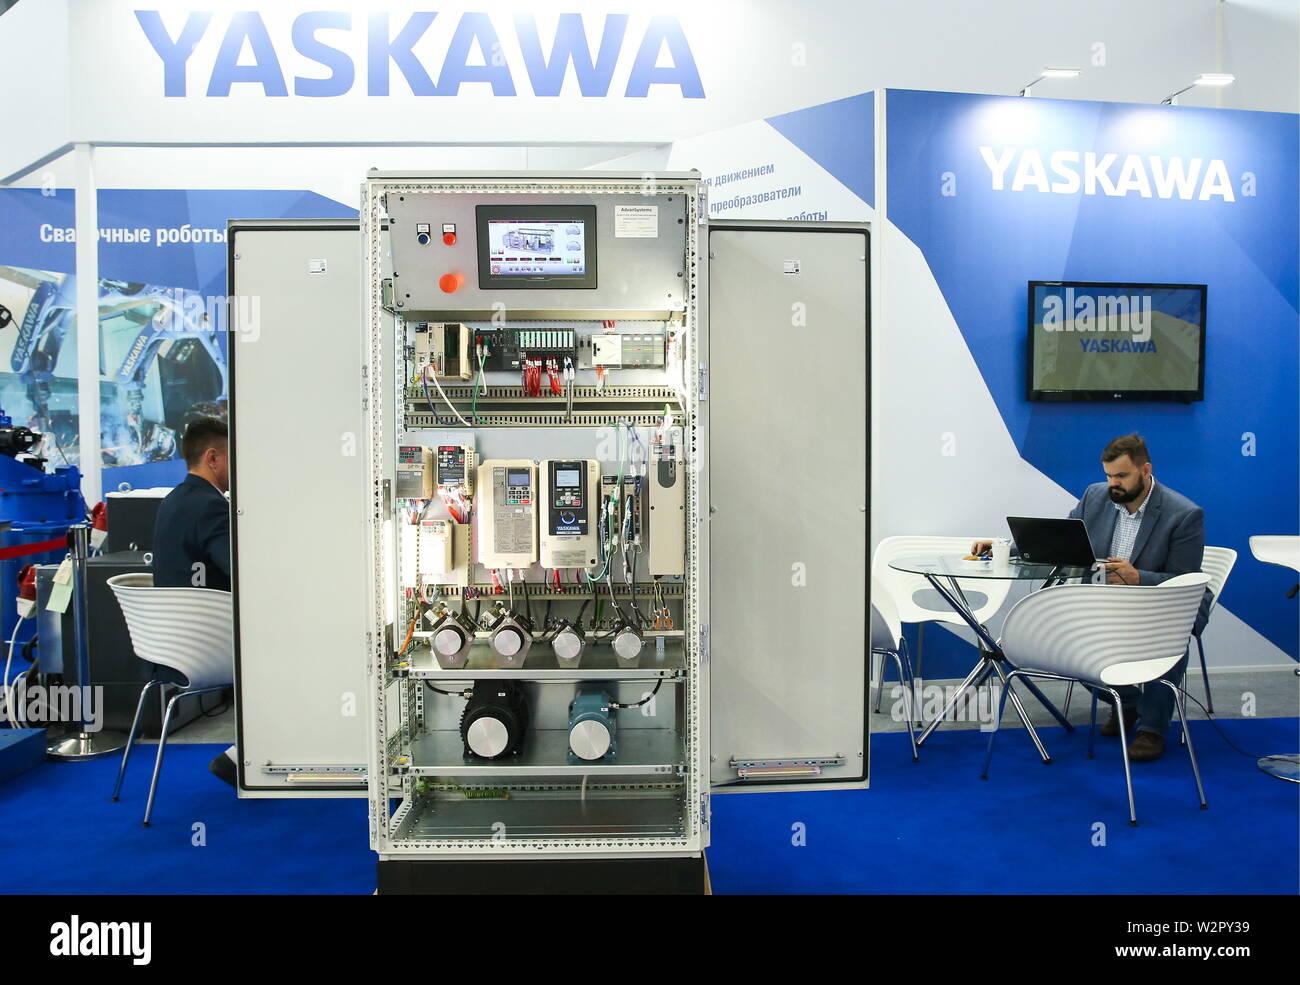 Yaskawa Industrial Robots Stock Photos & Yaskawa Industrial